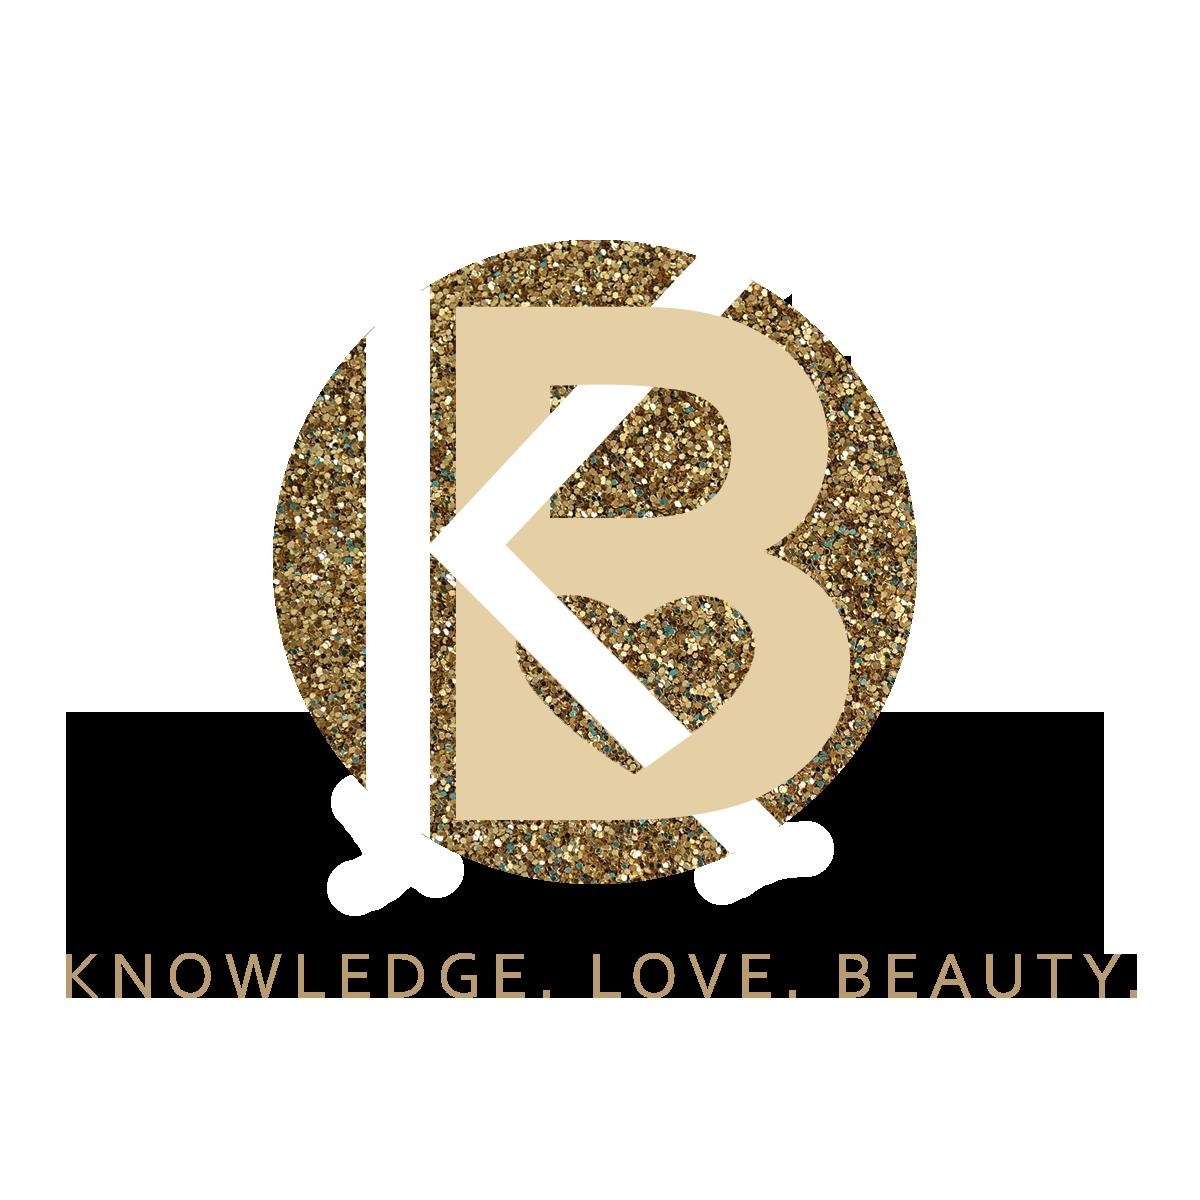 Kana Brown makeup artist / esthetician